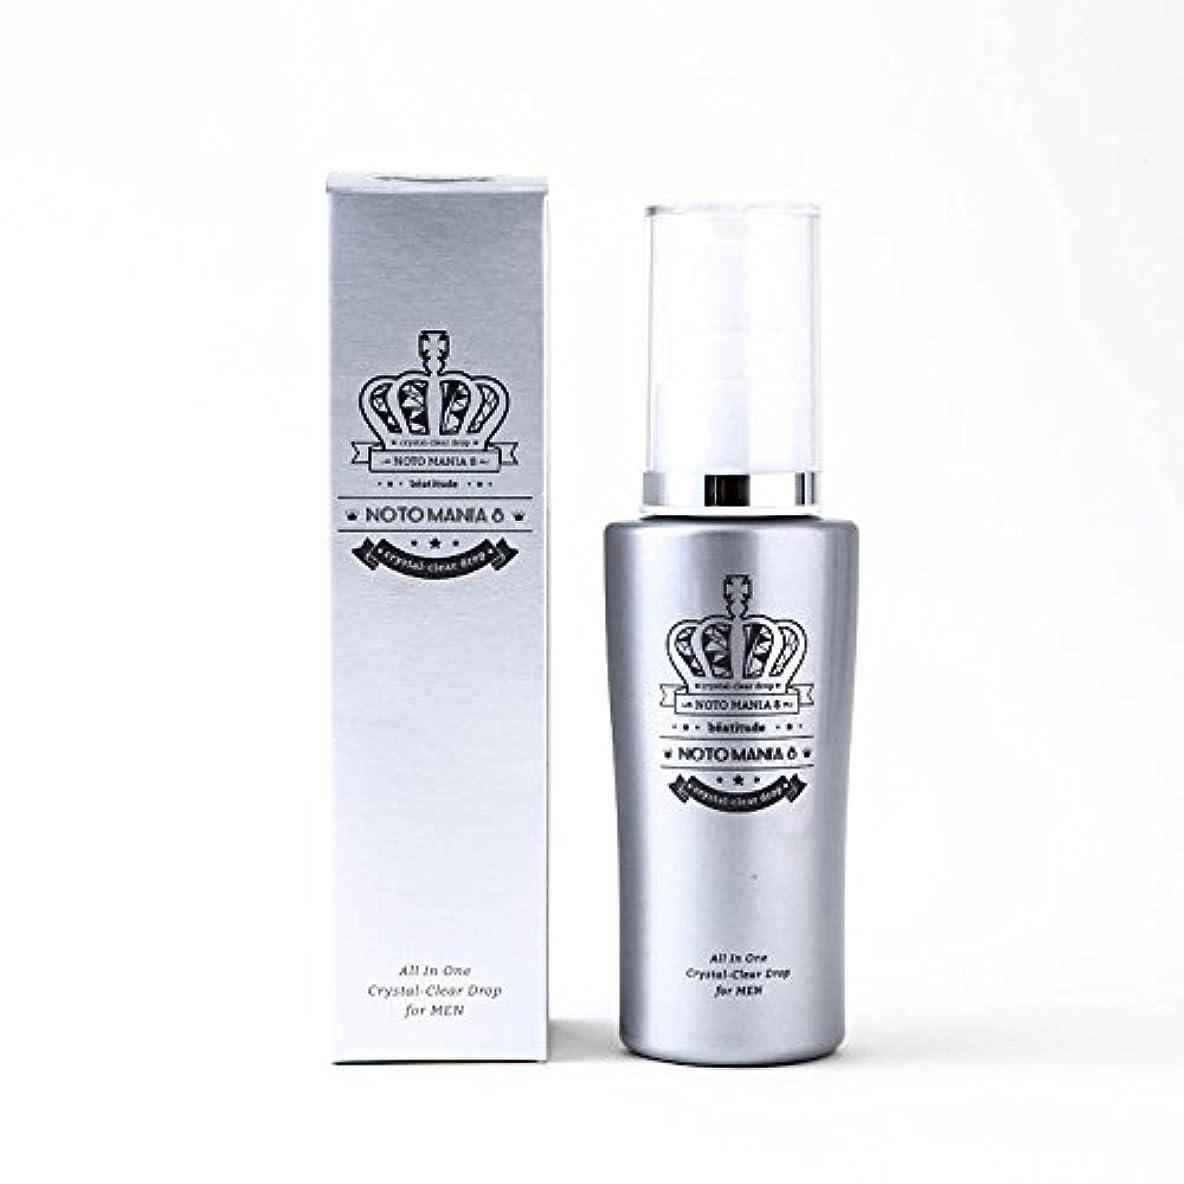 参加者喜ぶ地理ノトマニア8 ( NOTOMANIA8 メンズ オールインワン 濃密保湿美容液 )& 男性用 スキンケア 化粧水